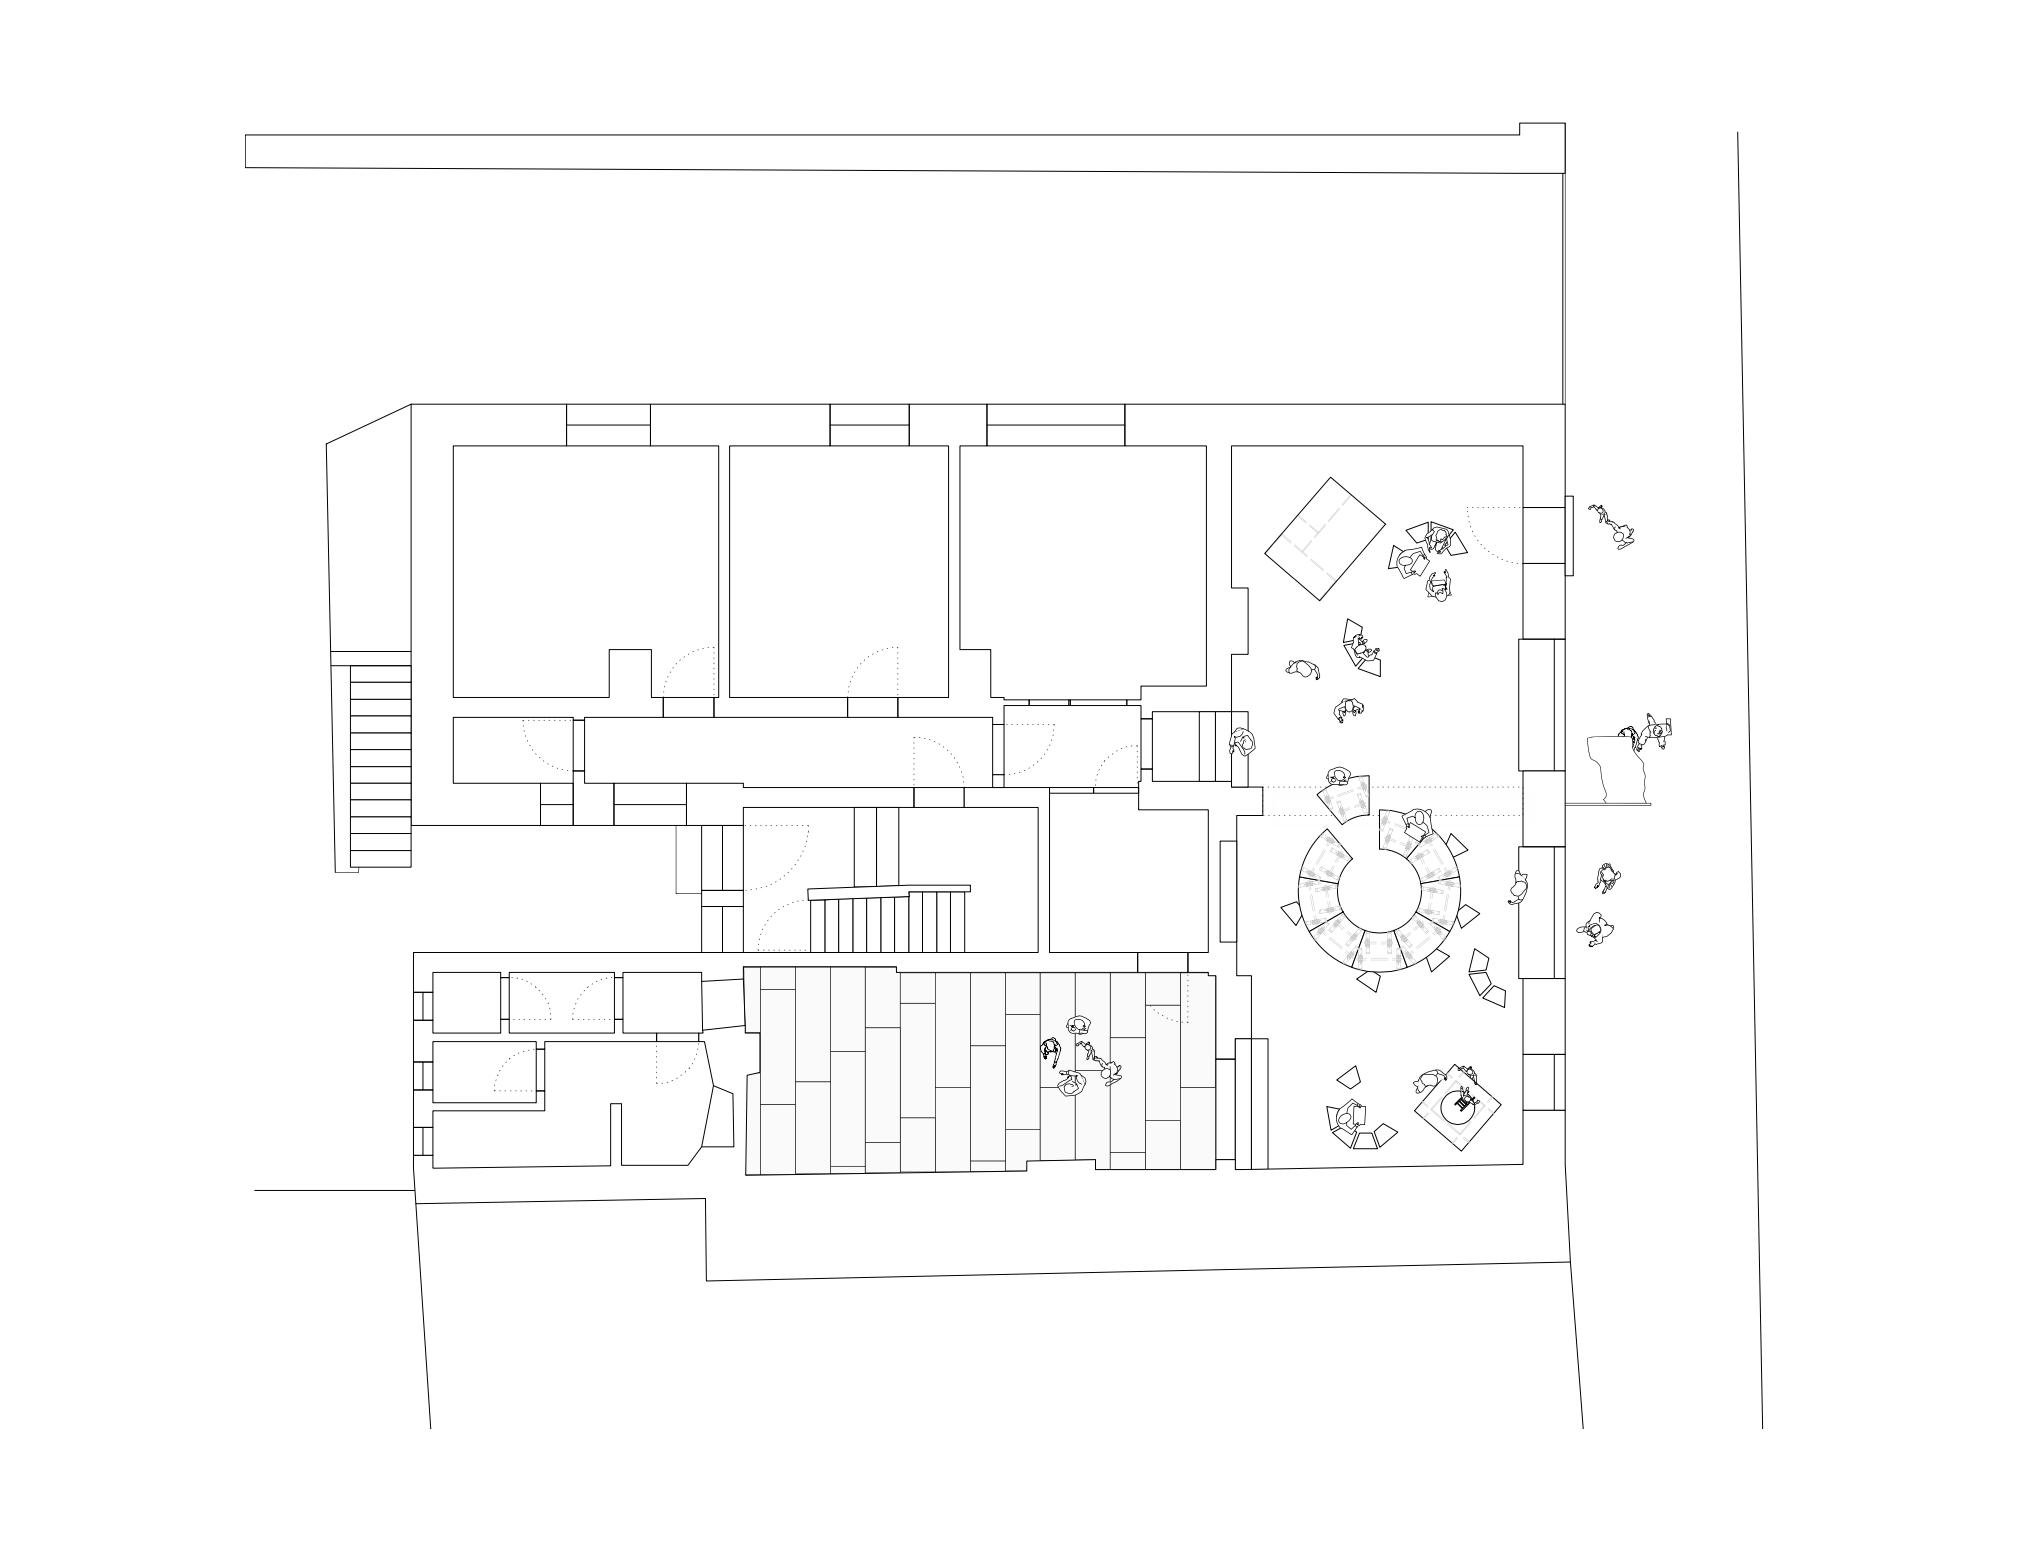 Sebastian klawiter Valerie Rehle Isabell Thoma Innenarchitektur Architektur Design Möbel München Kinder Raum